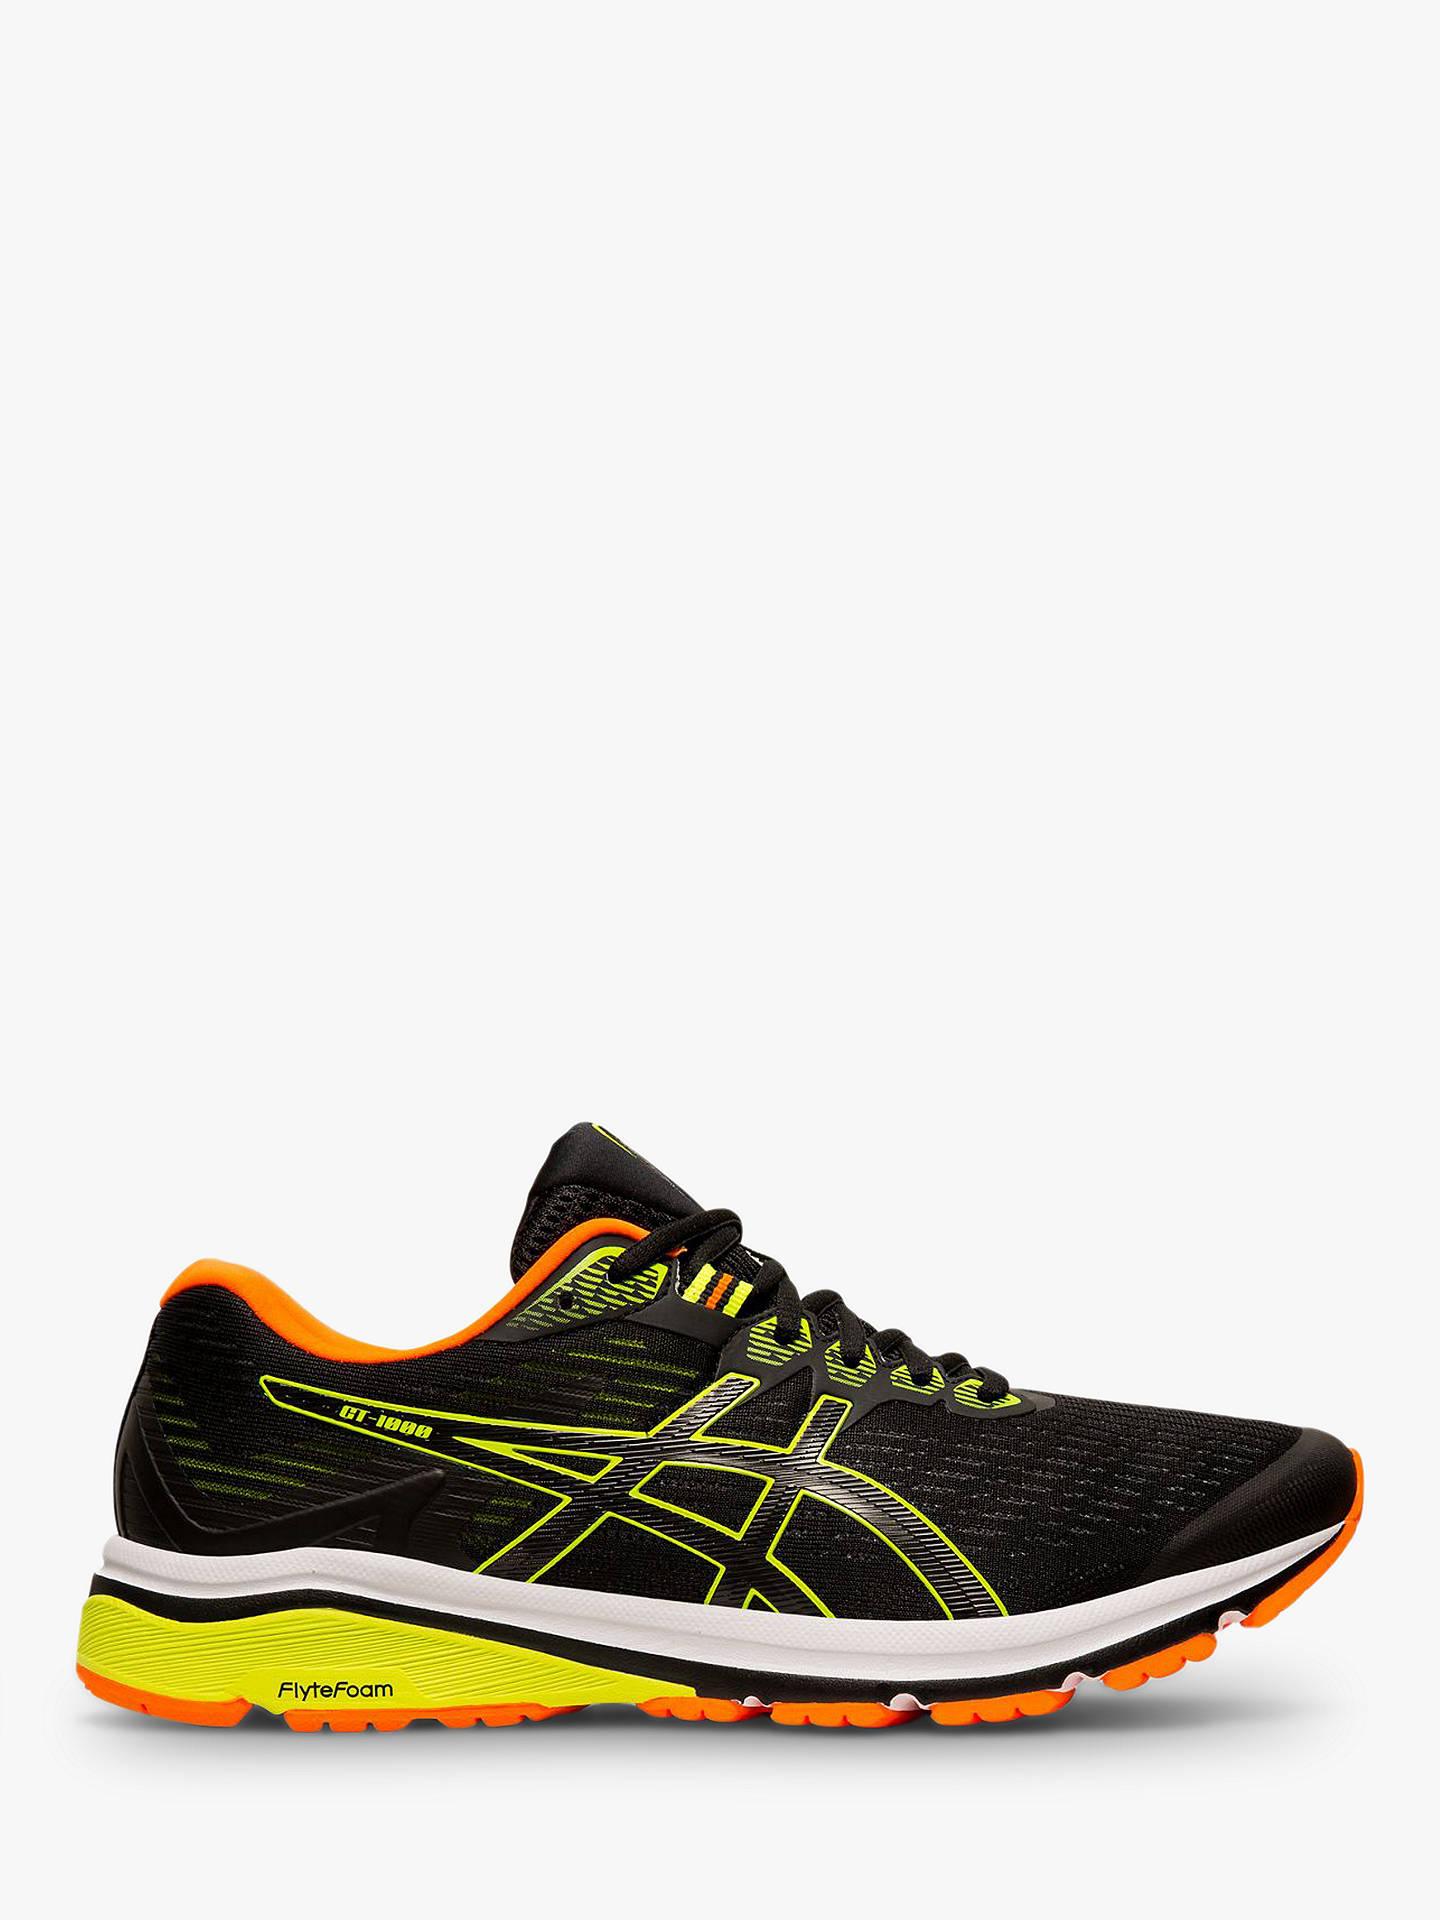 ASICS GT 1000 8 Men's Running scarpa, BlackSafety Yellow